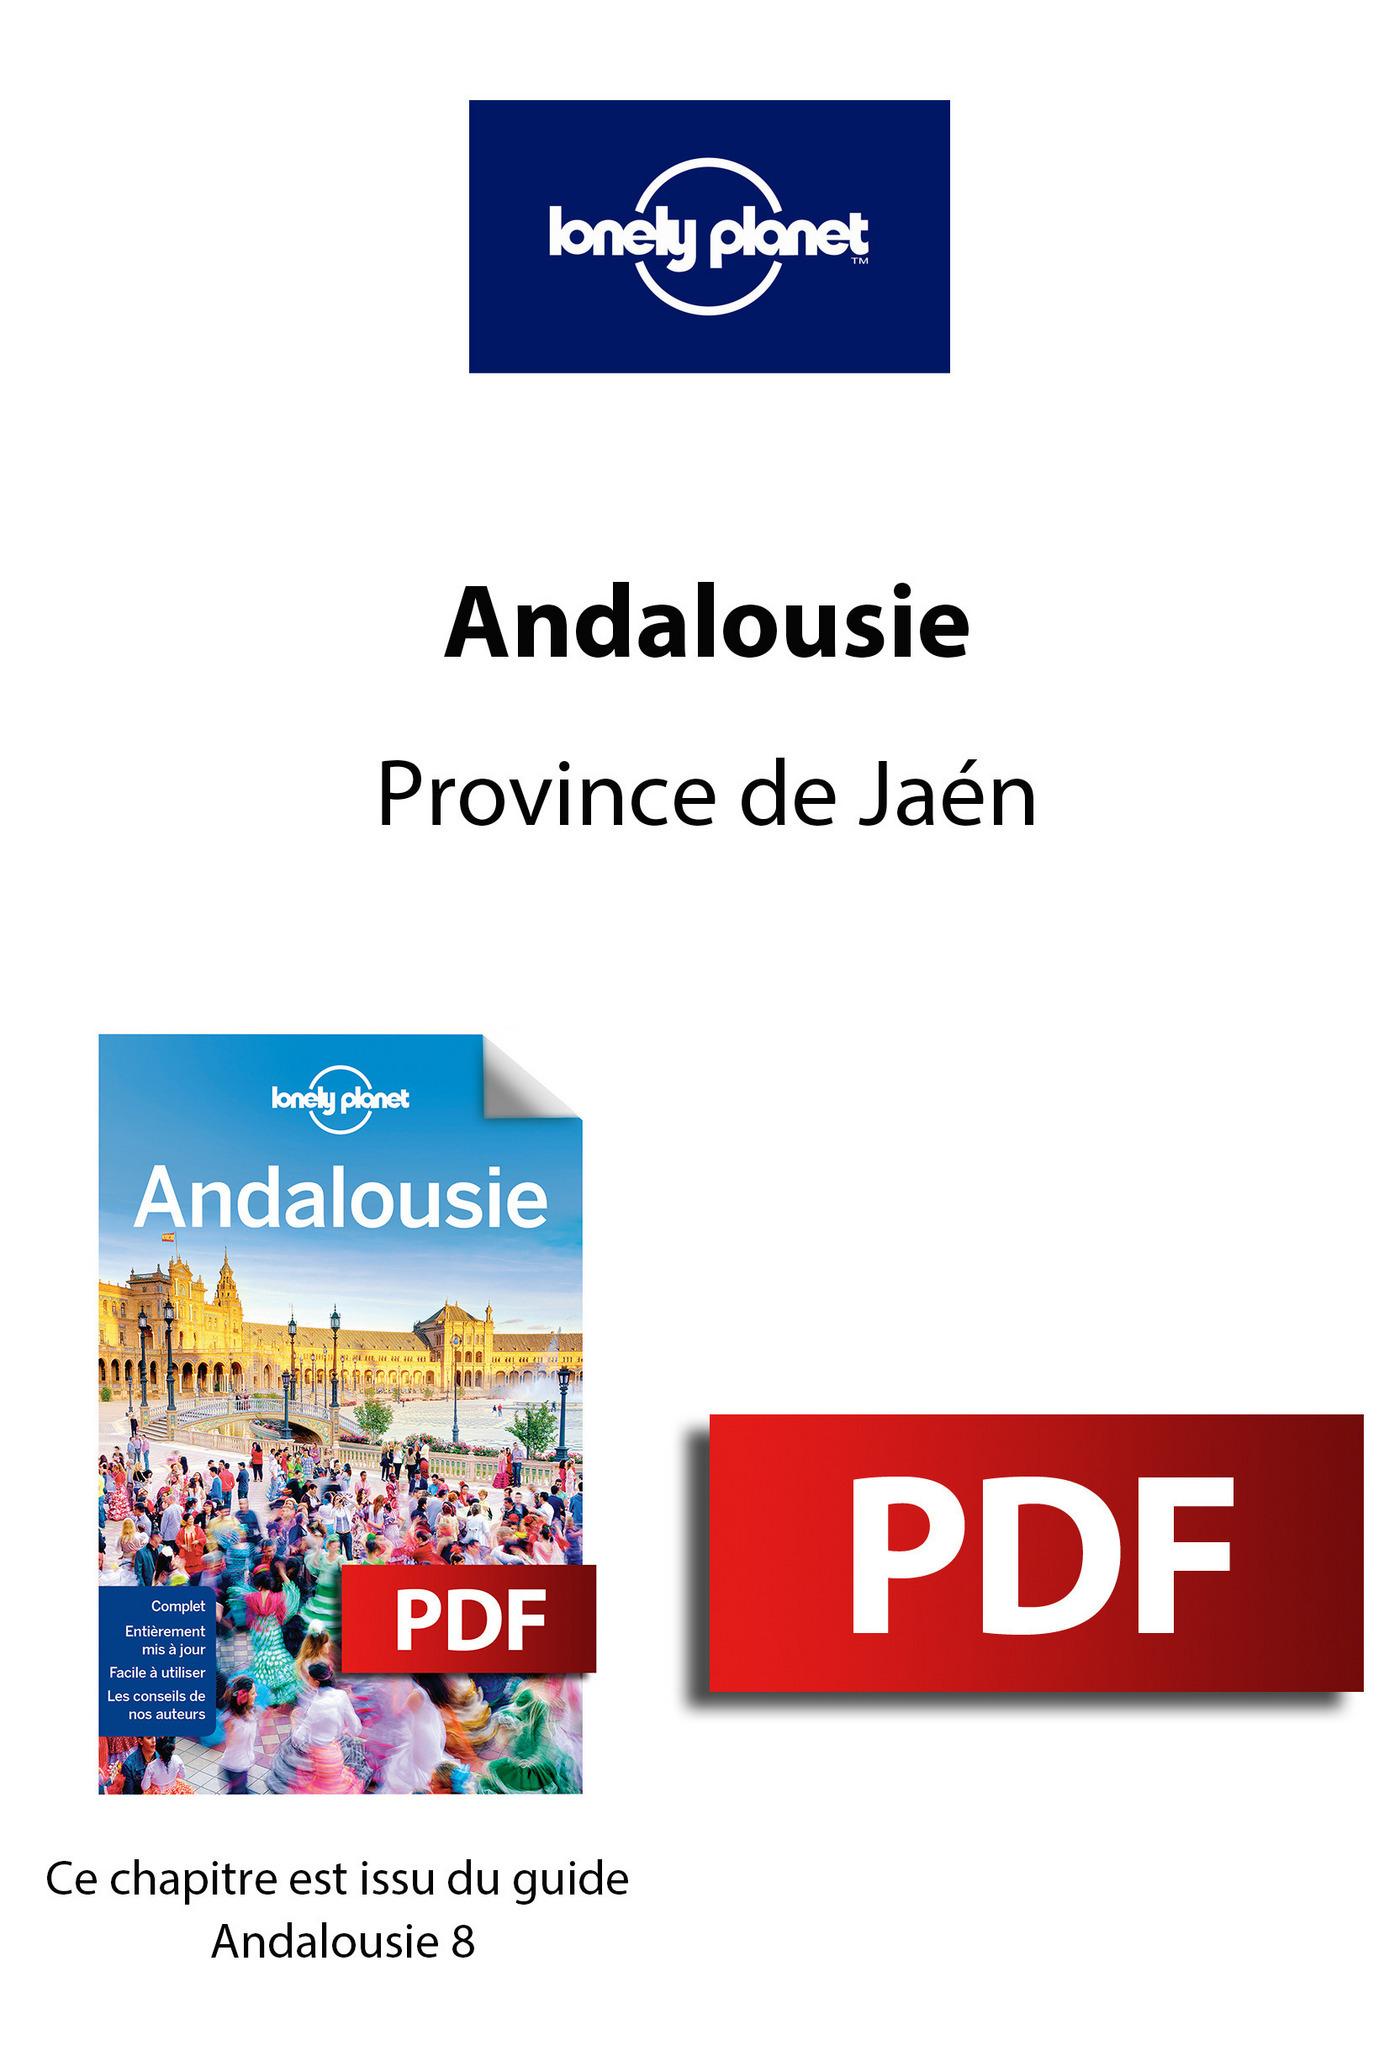 Andalousie - Province de Jaén